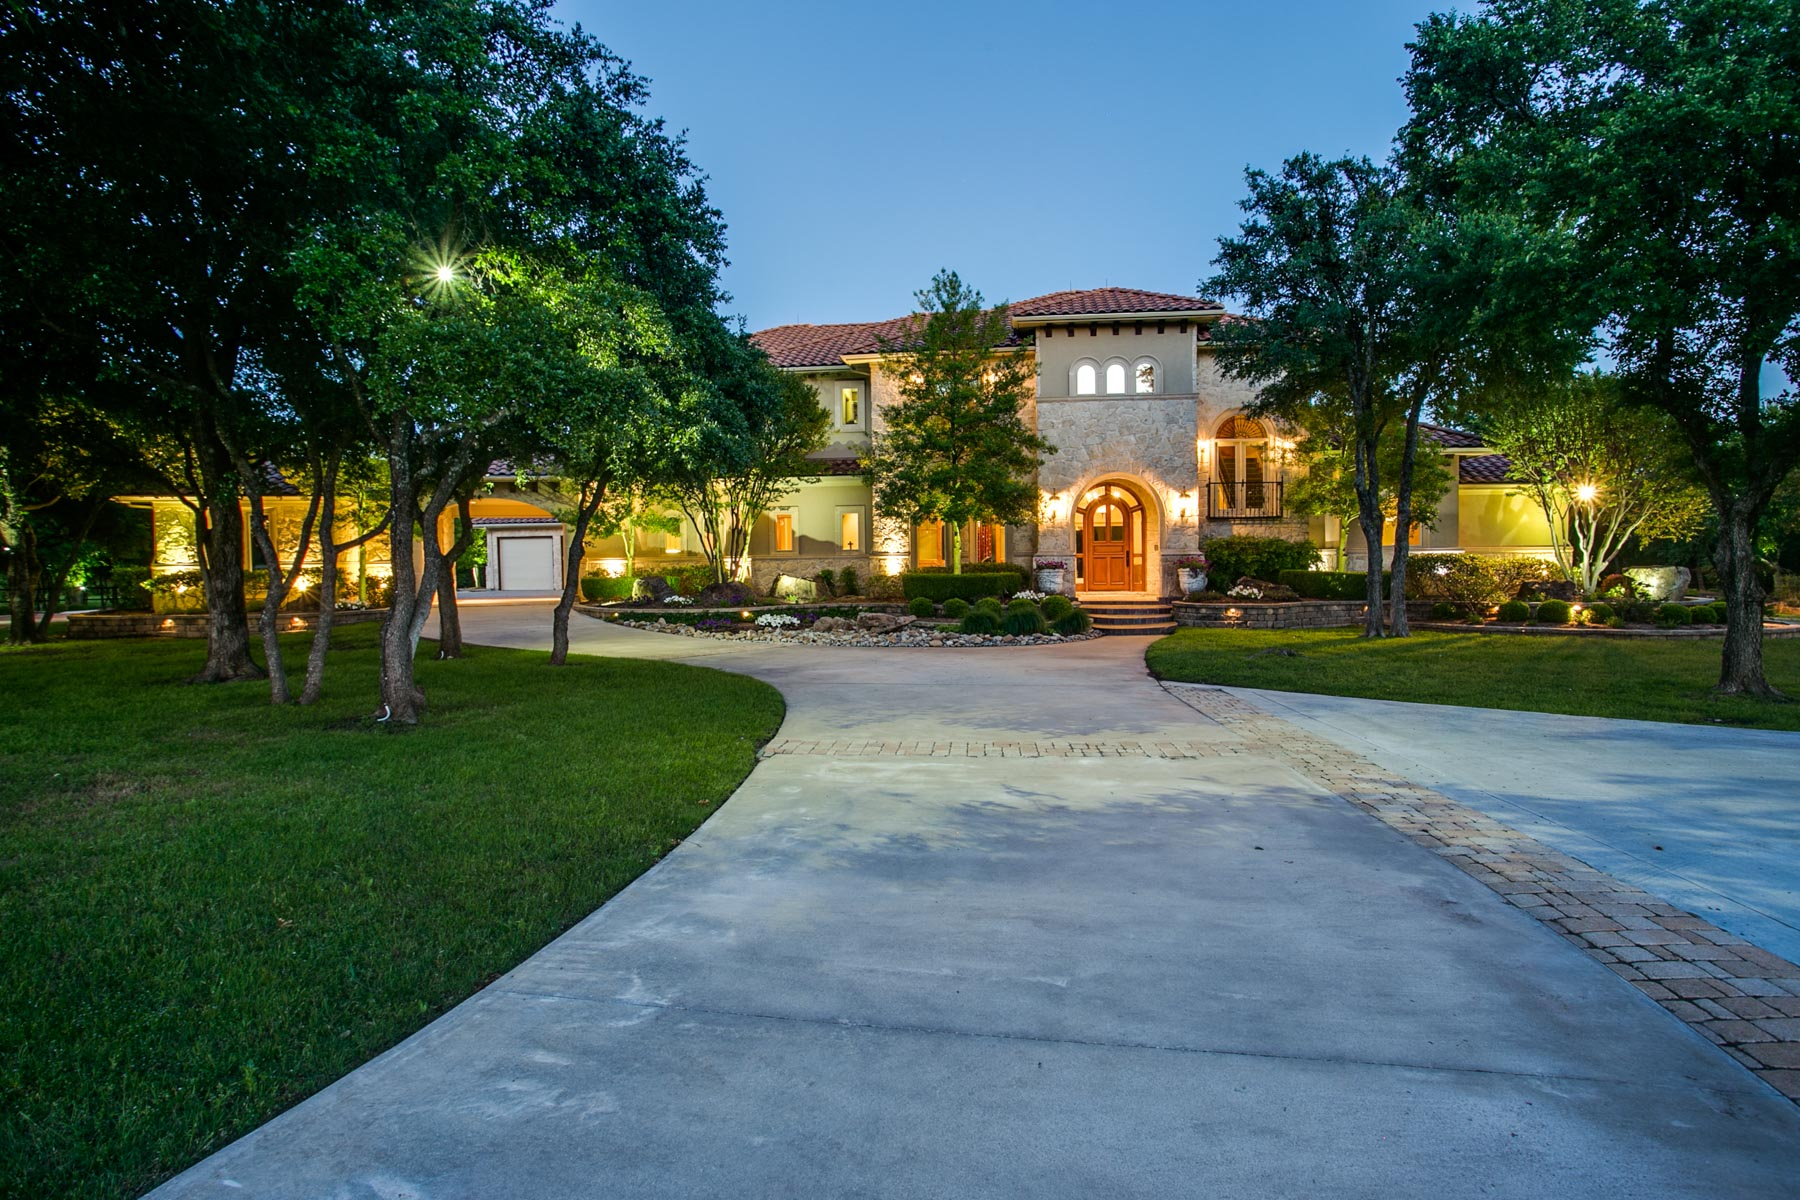 Einfamilienhaus für Verkauf beim Stone Ridge Acres 4007 S. FM 5 Aledo, Texas, 76008 Vereinigte Staaten